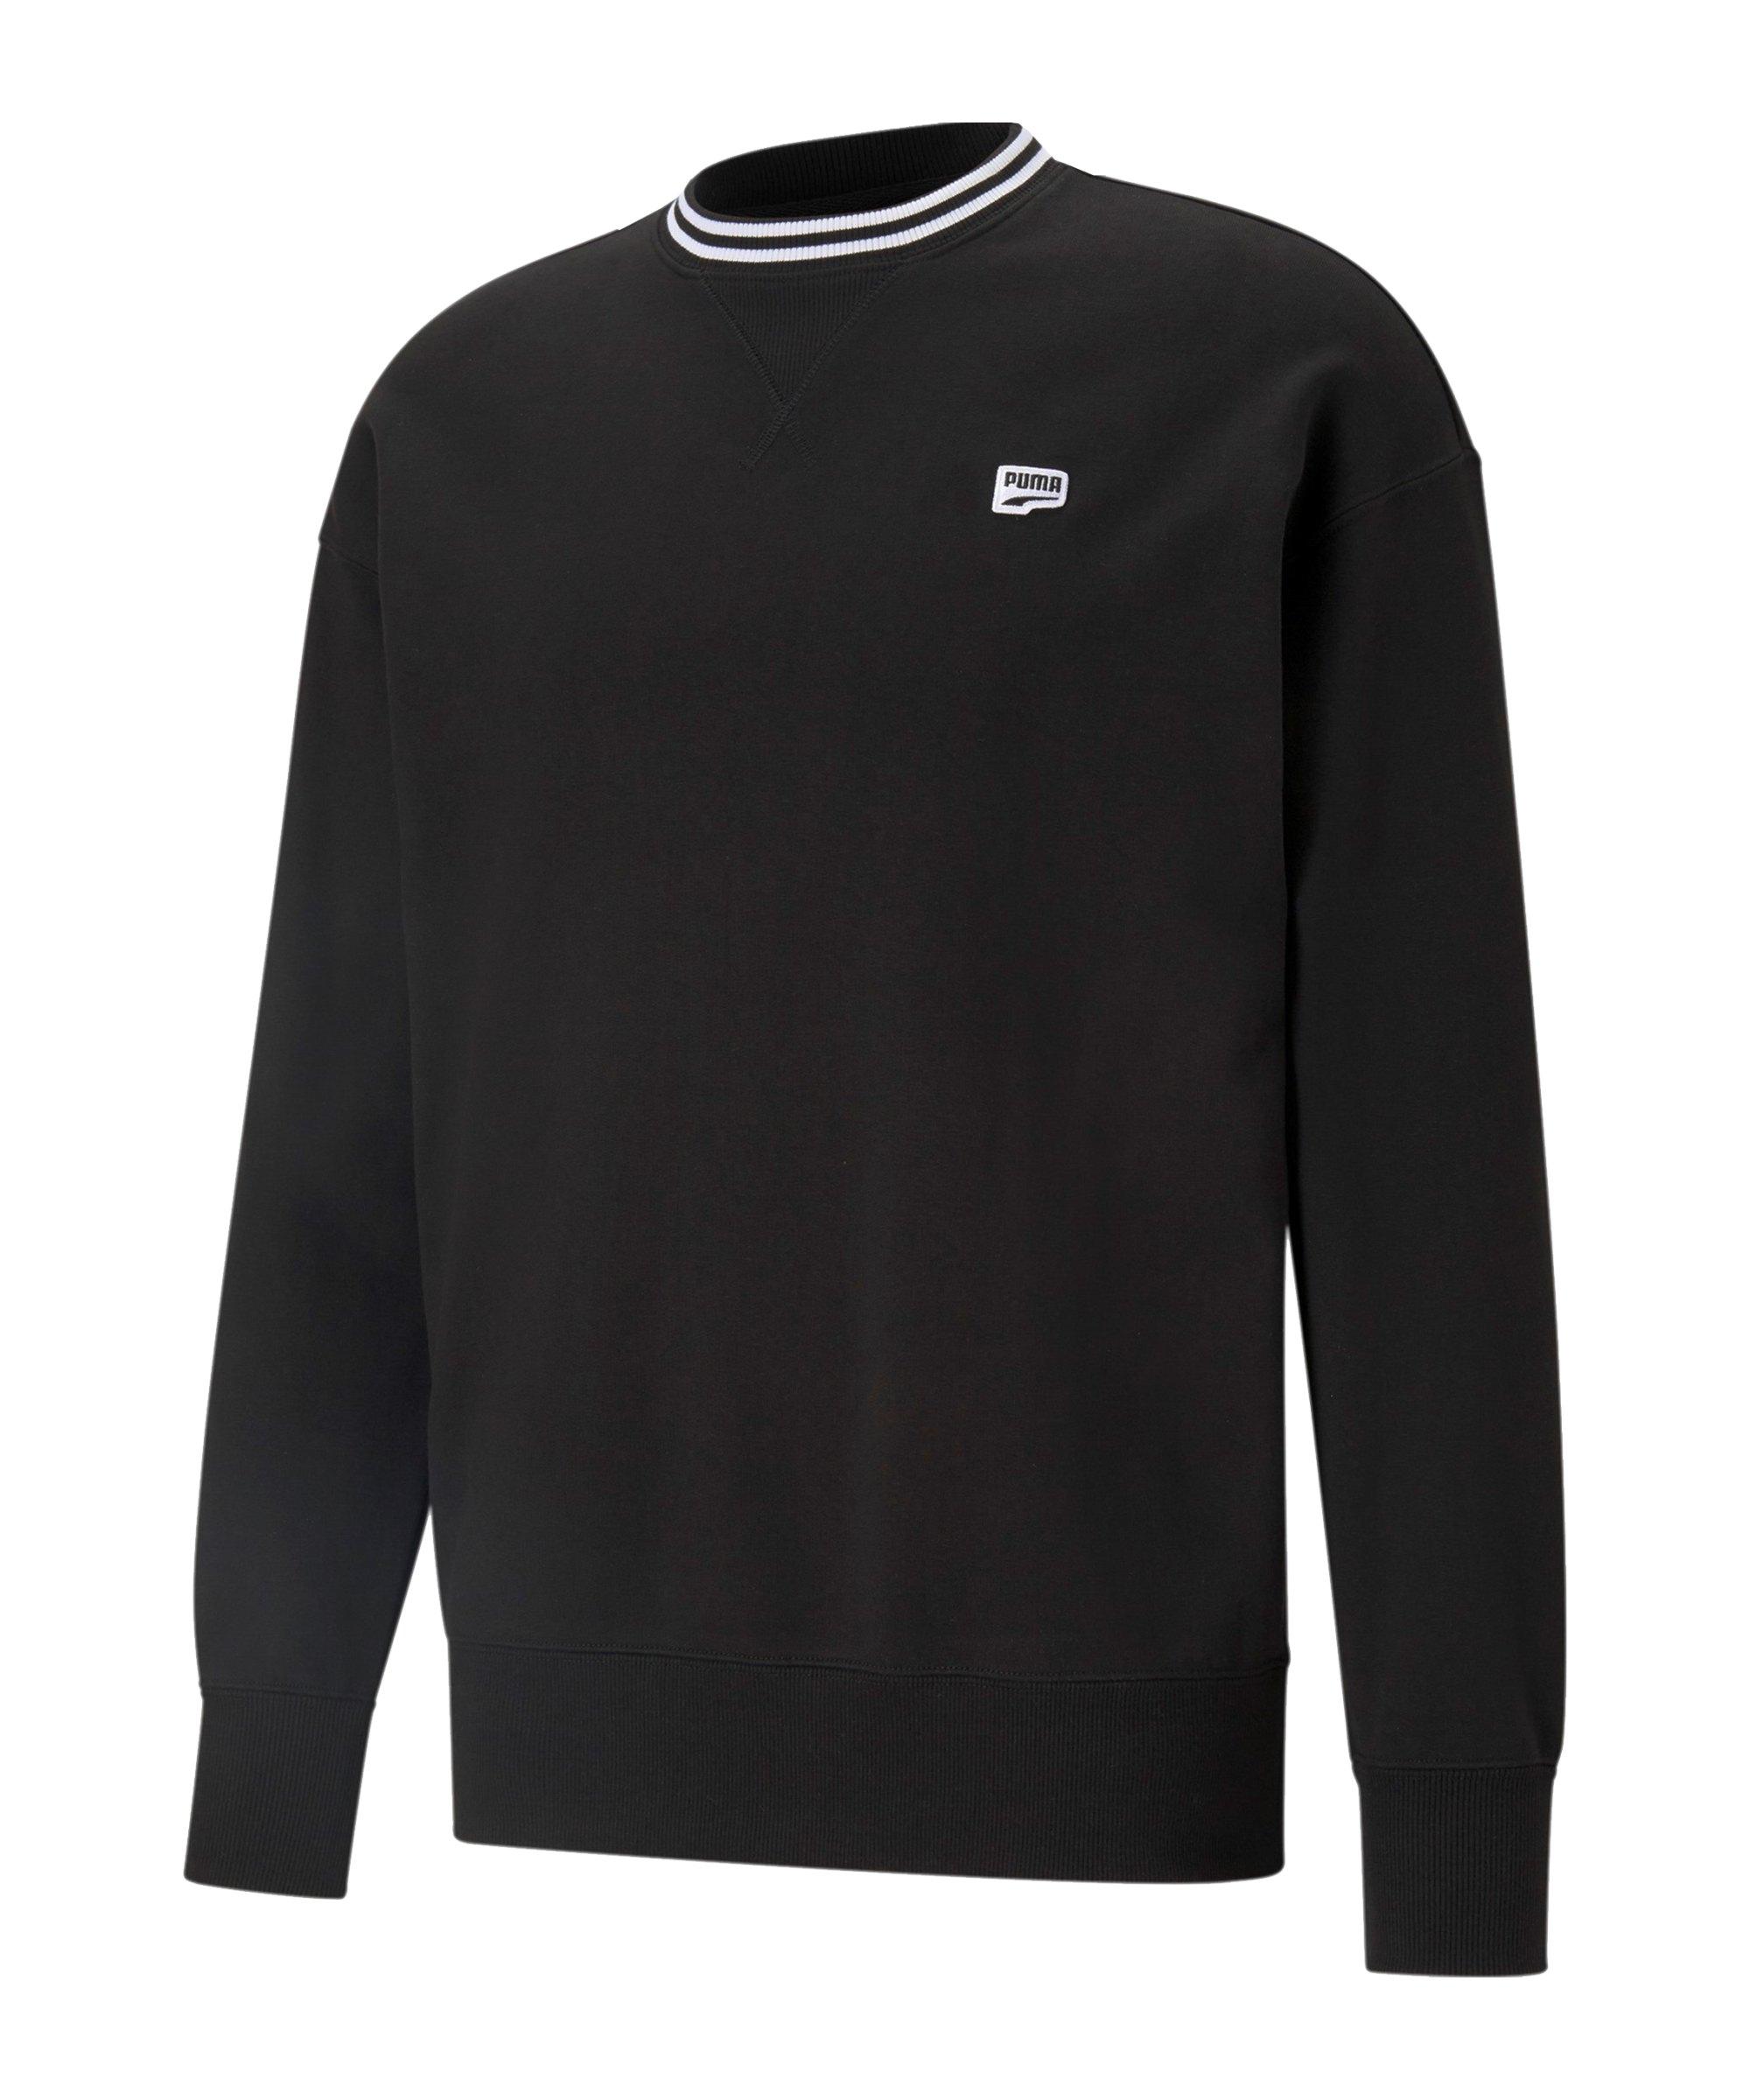 PUMA Downtown Crew Sweatshirt Schwarz F01 - schwarz